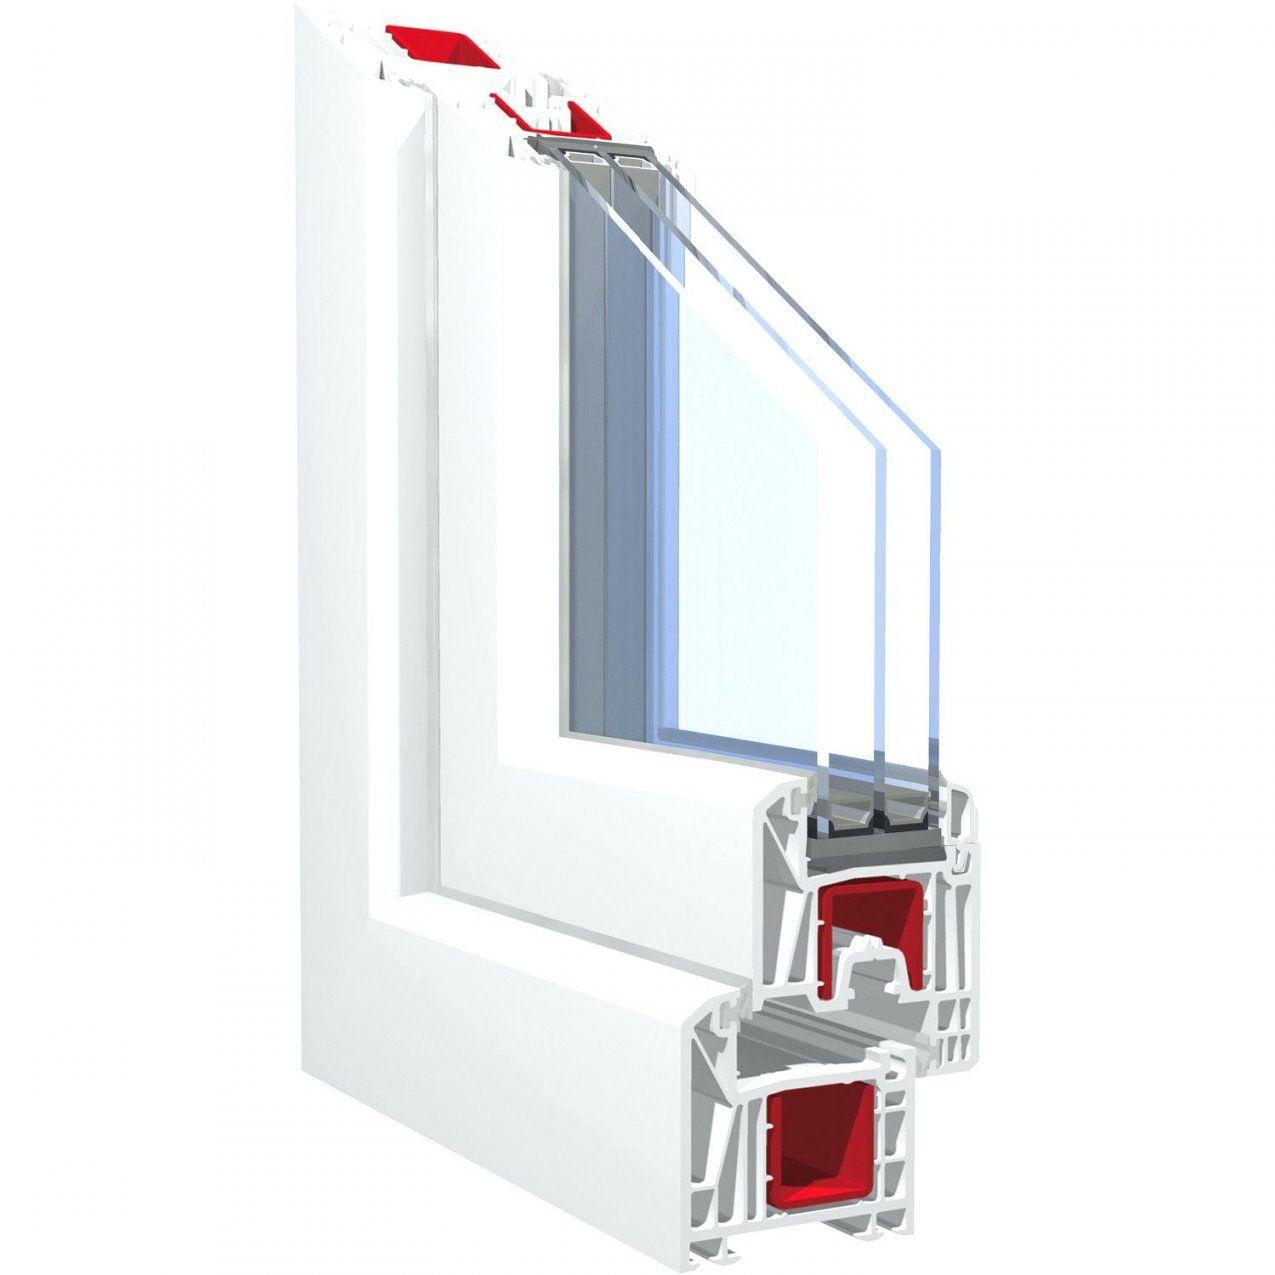 Dreifach Verglaste Fenster Fach Altbau Nachteile Larmschutz von 3 Fach Verglaste Fenster Nachteile Photo